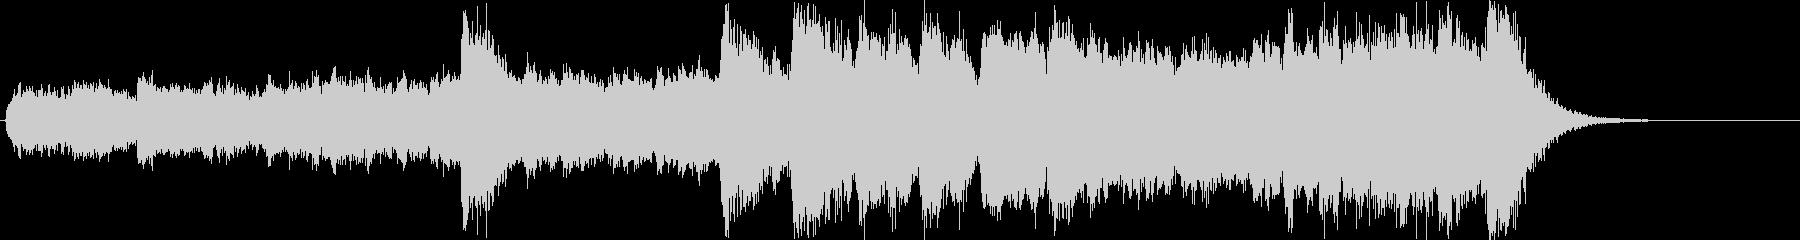 ハリウッド風30秒ファンファーレの未再生の波形